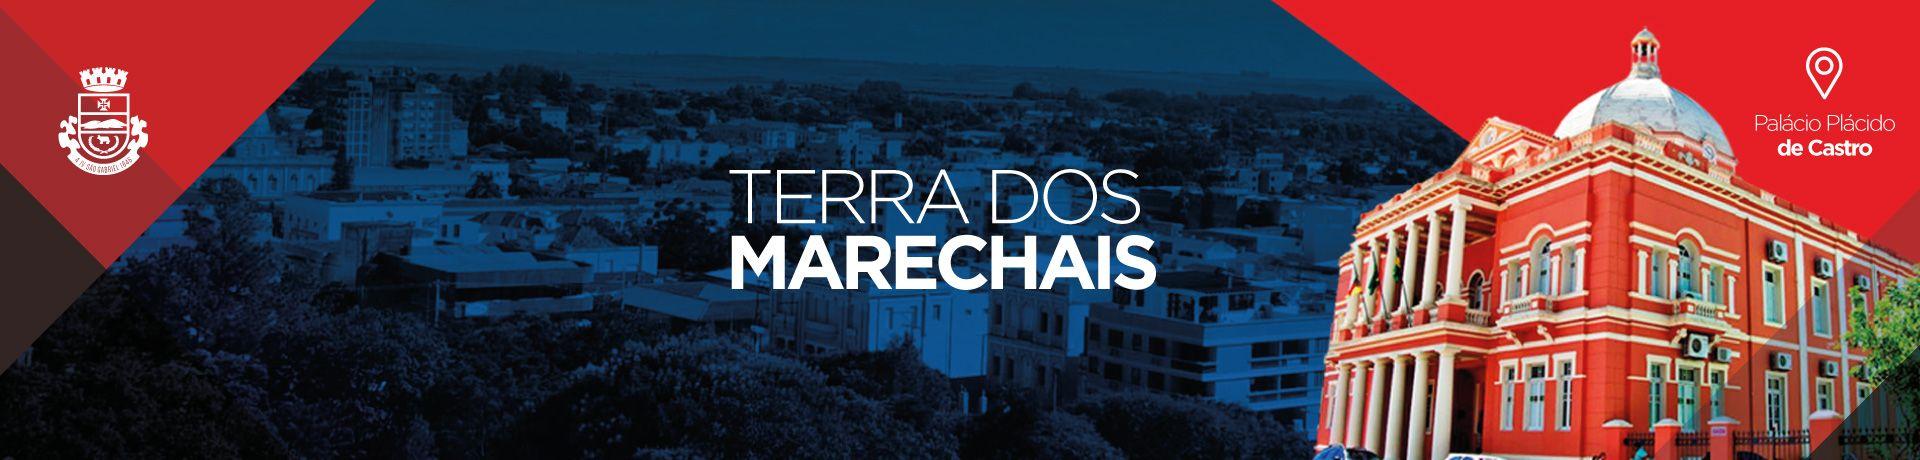 Banner 1 - Banner Terra dos Marechais